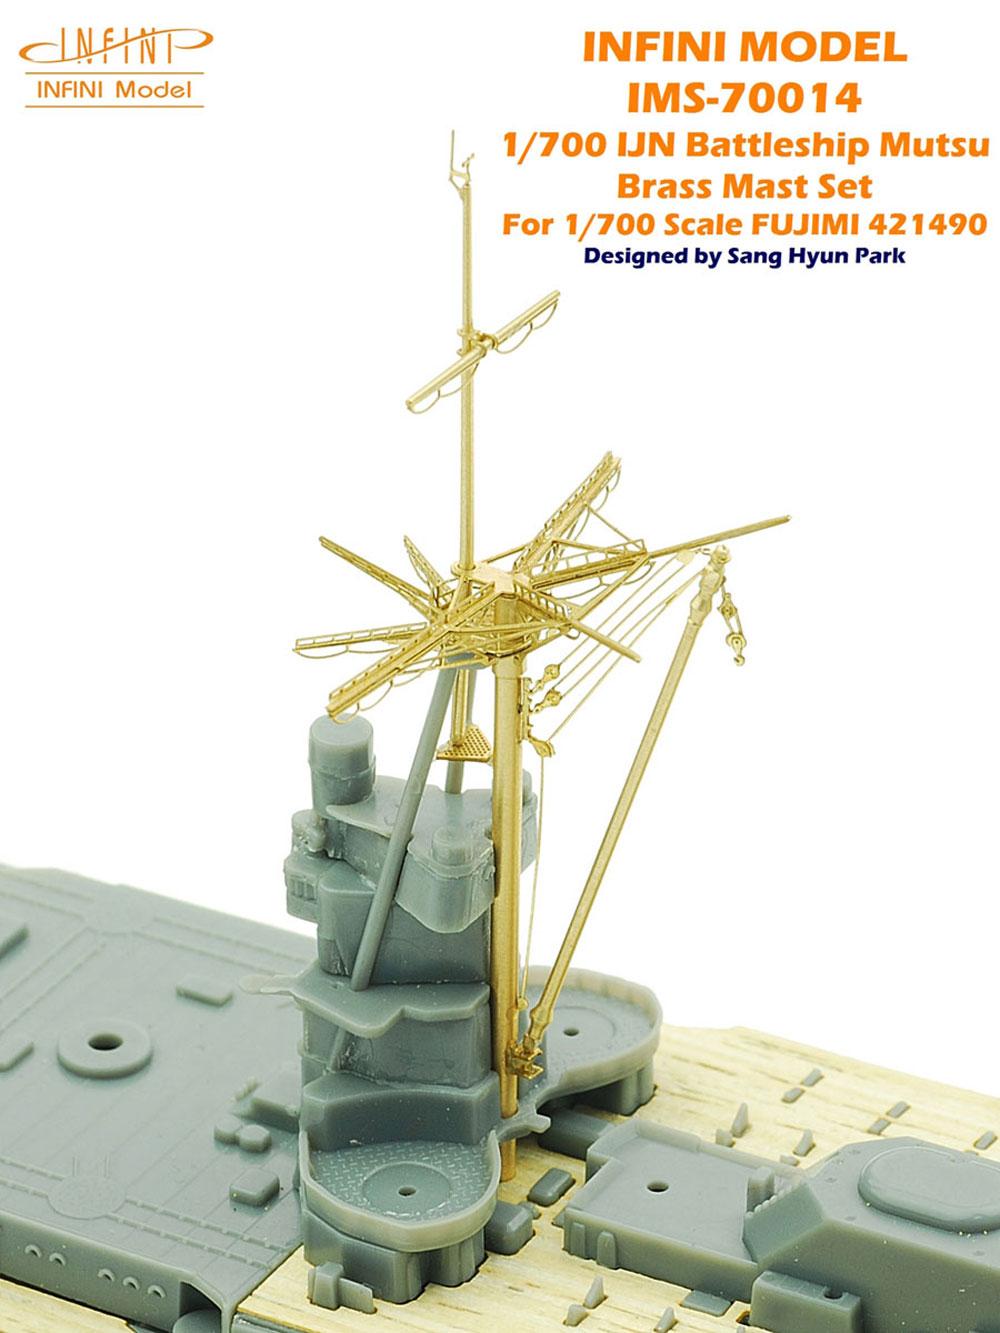 日本海軍 戦艦 陸奥 1941 真鍮マストセット (フジミ用)メタル(インフィニモデルIMS (真鍮マストセット)No.IMS-70014)商品画像_2